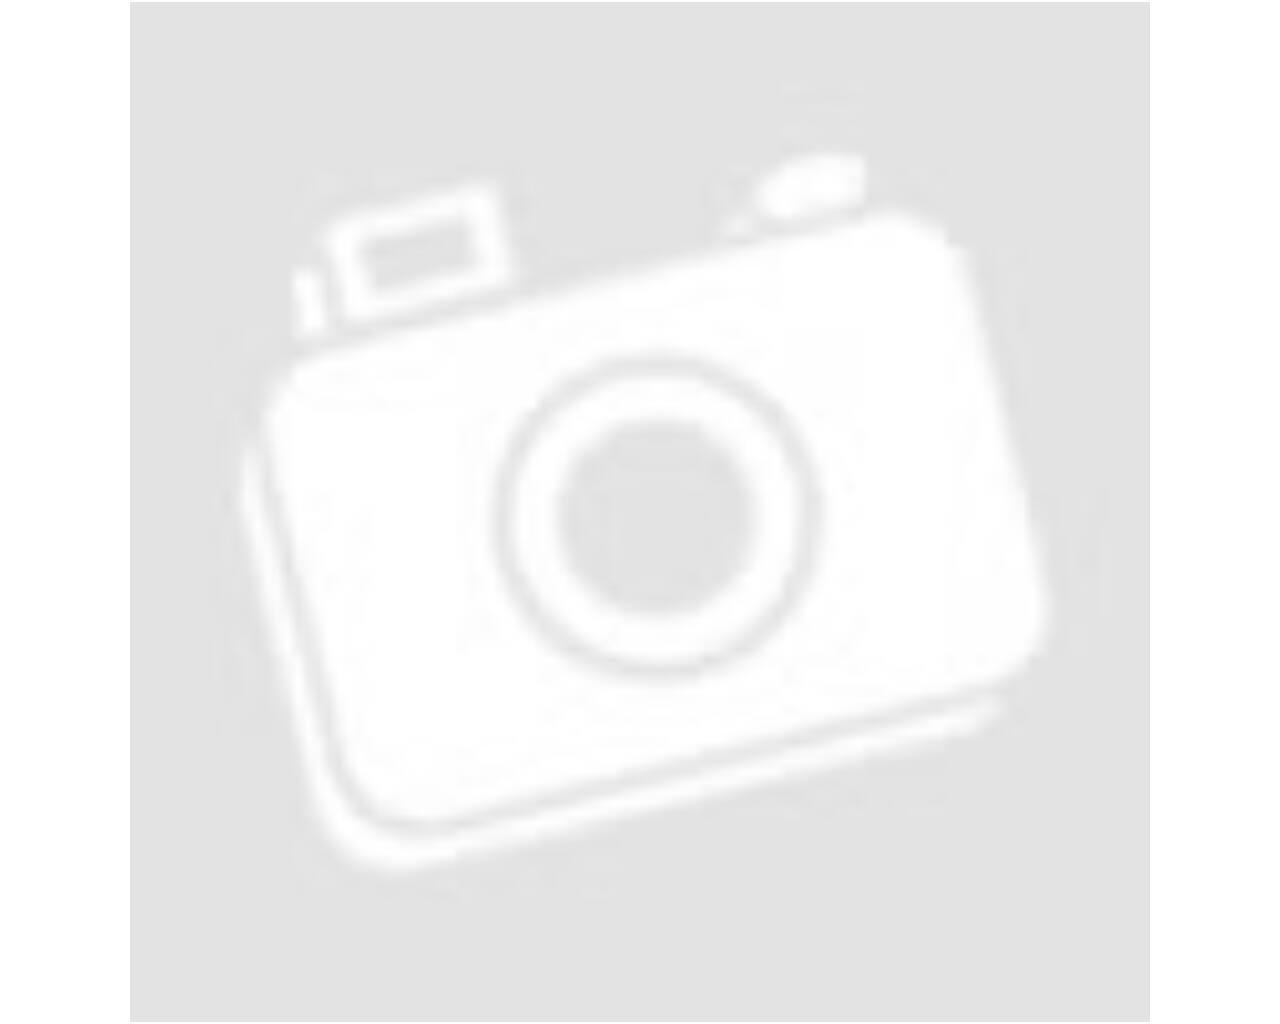 Éjjeliszekrény, fehér + fényes fehér, 44.5 x 42.5 x 33.5 cm